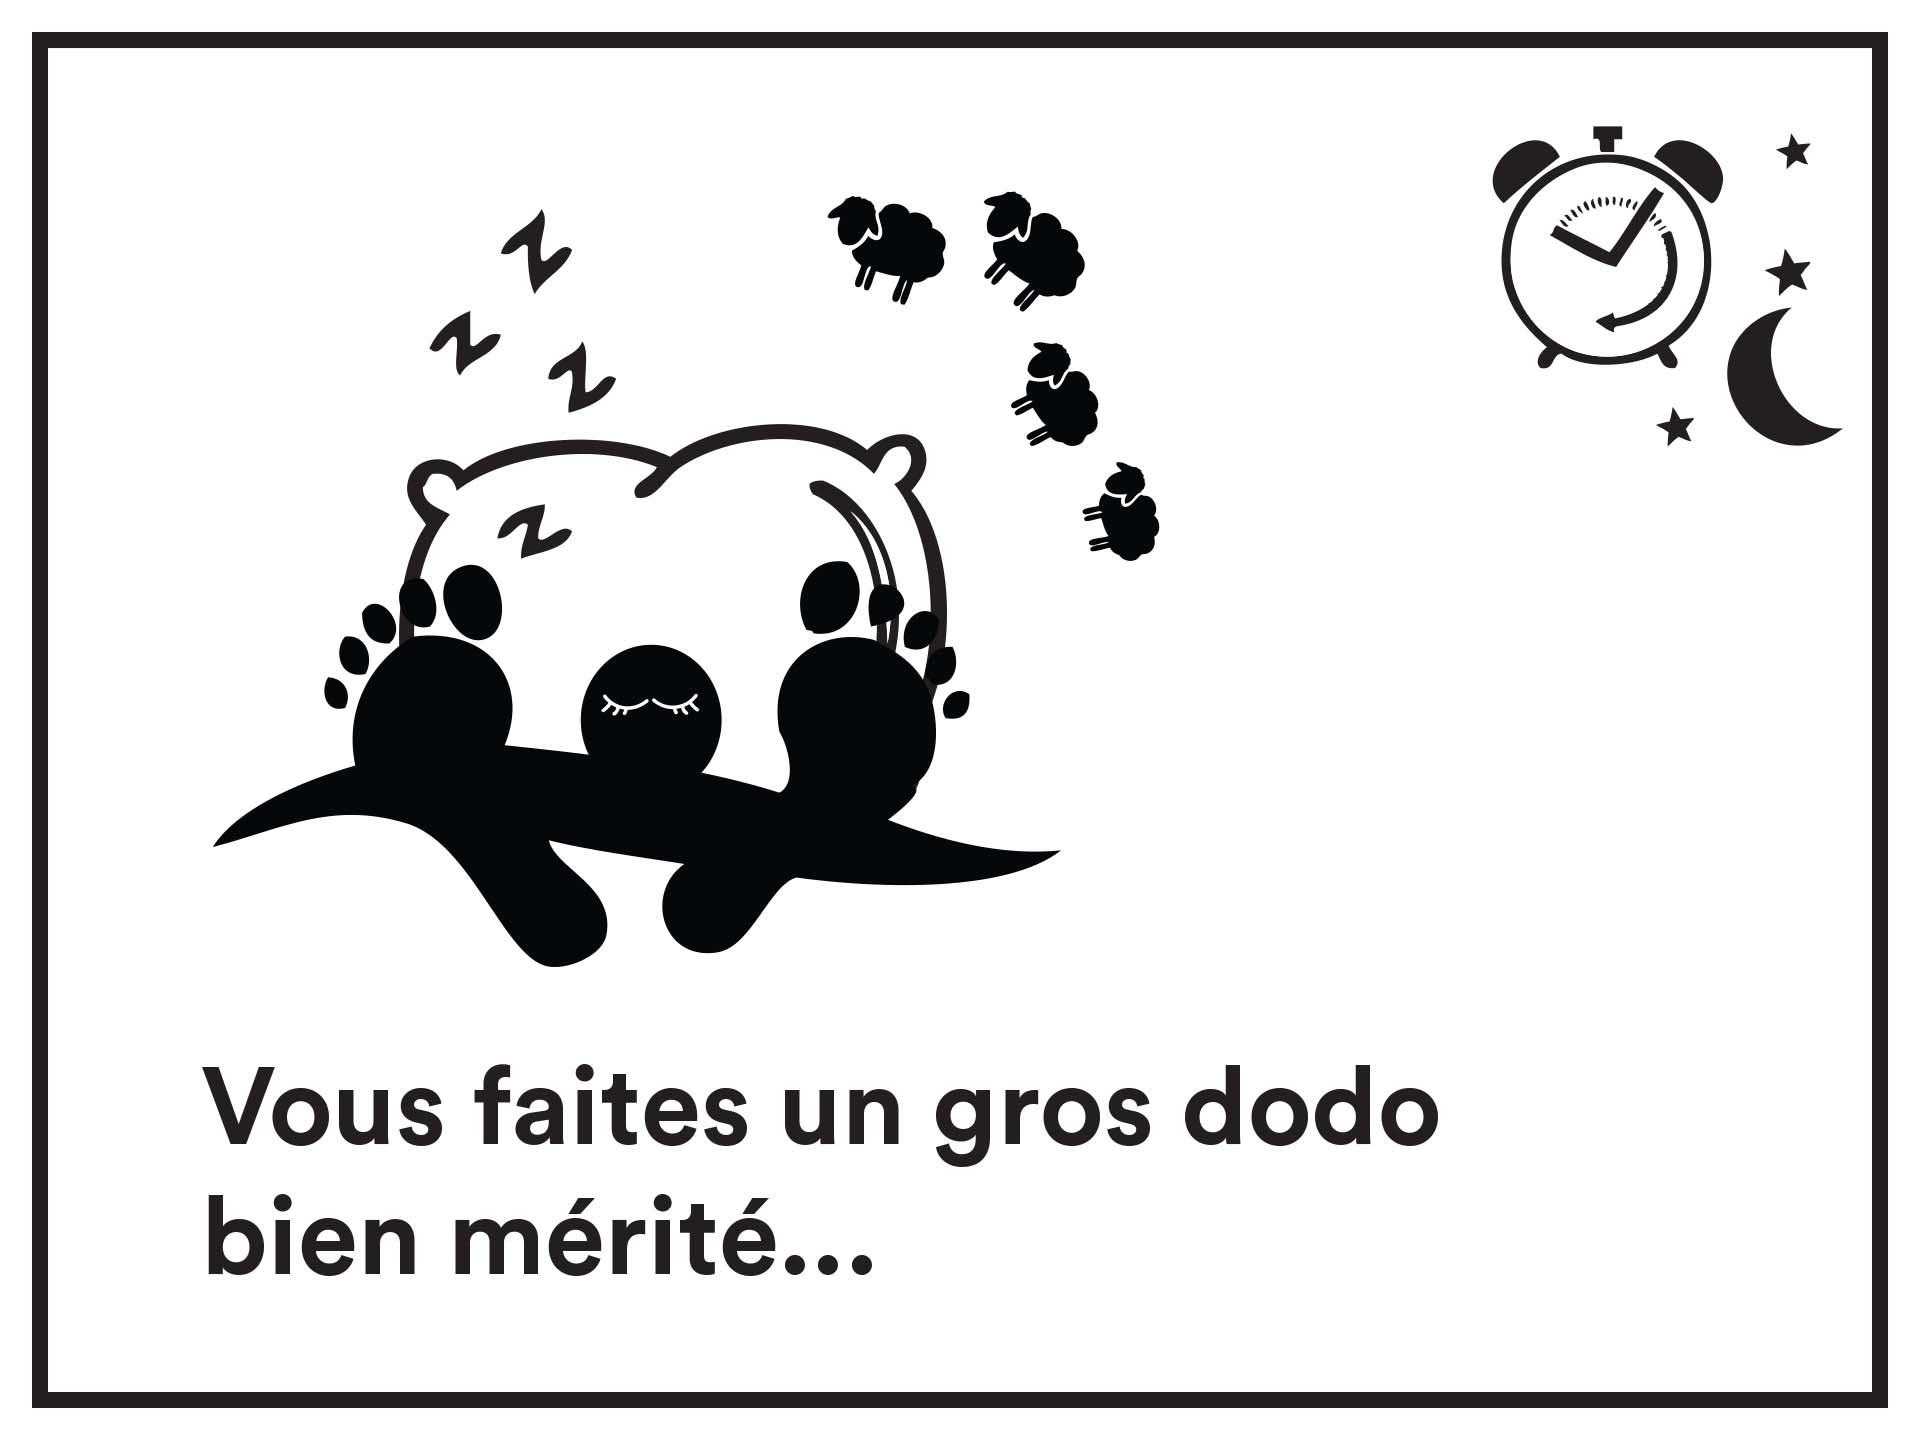 Montures de Lunettes de vue - Achat / Vente pas cher - Cdiscount - Page 8